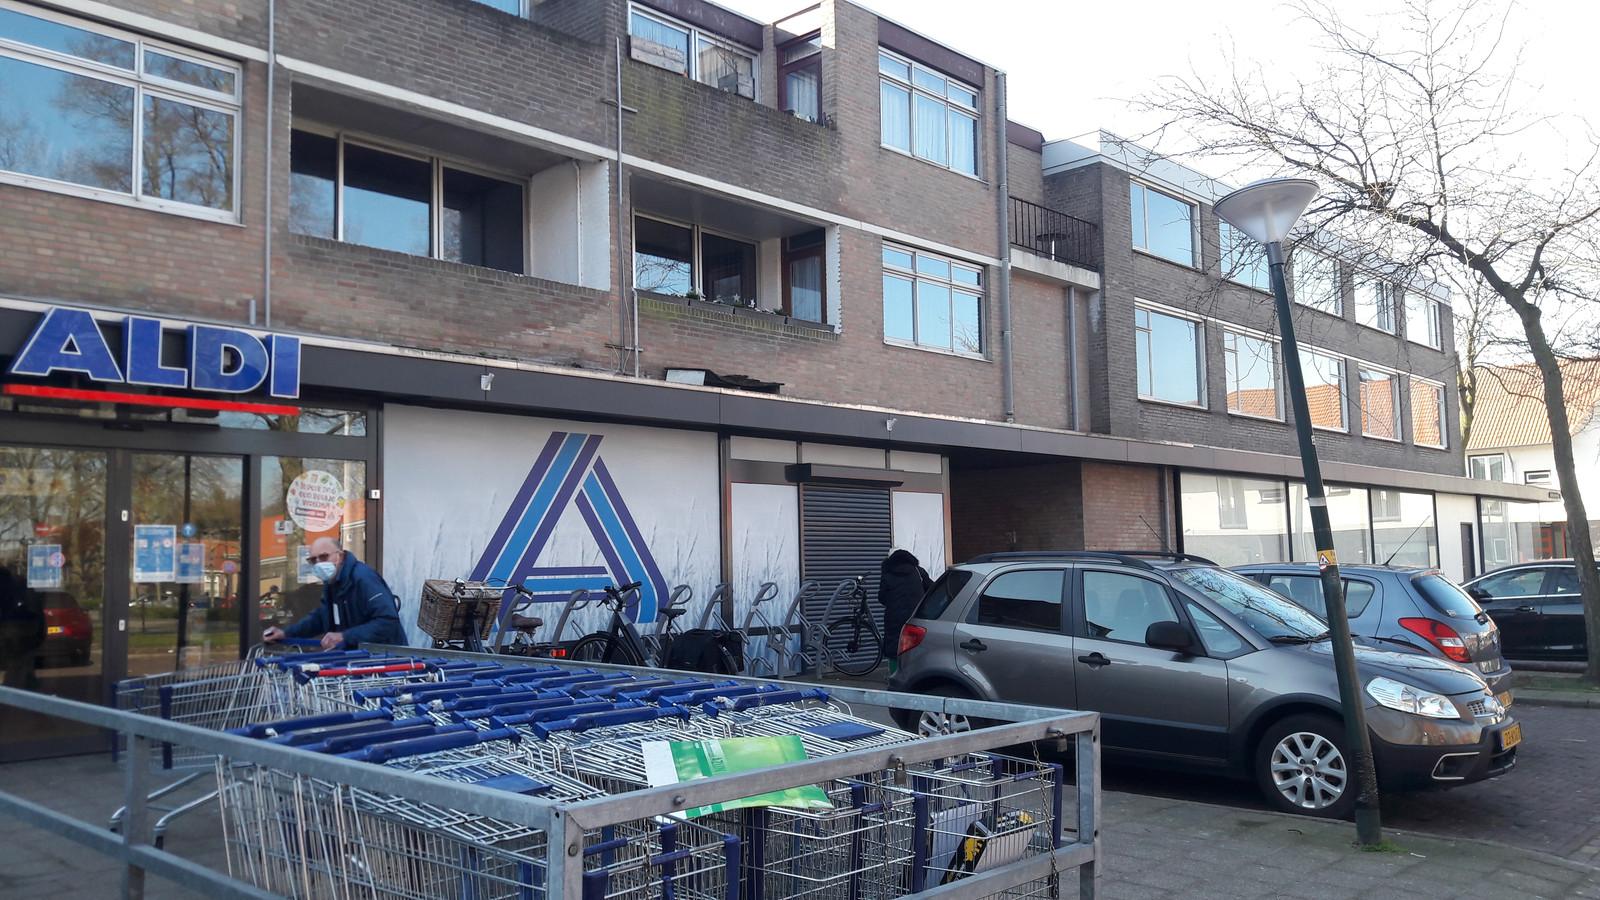 De Aldi aan het Jozefplein in Braakhuizen-Zuid